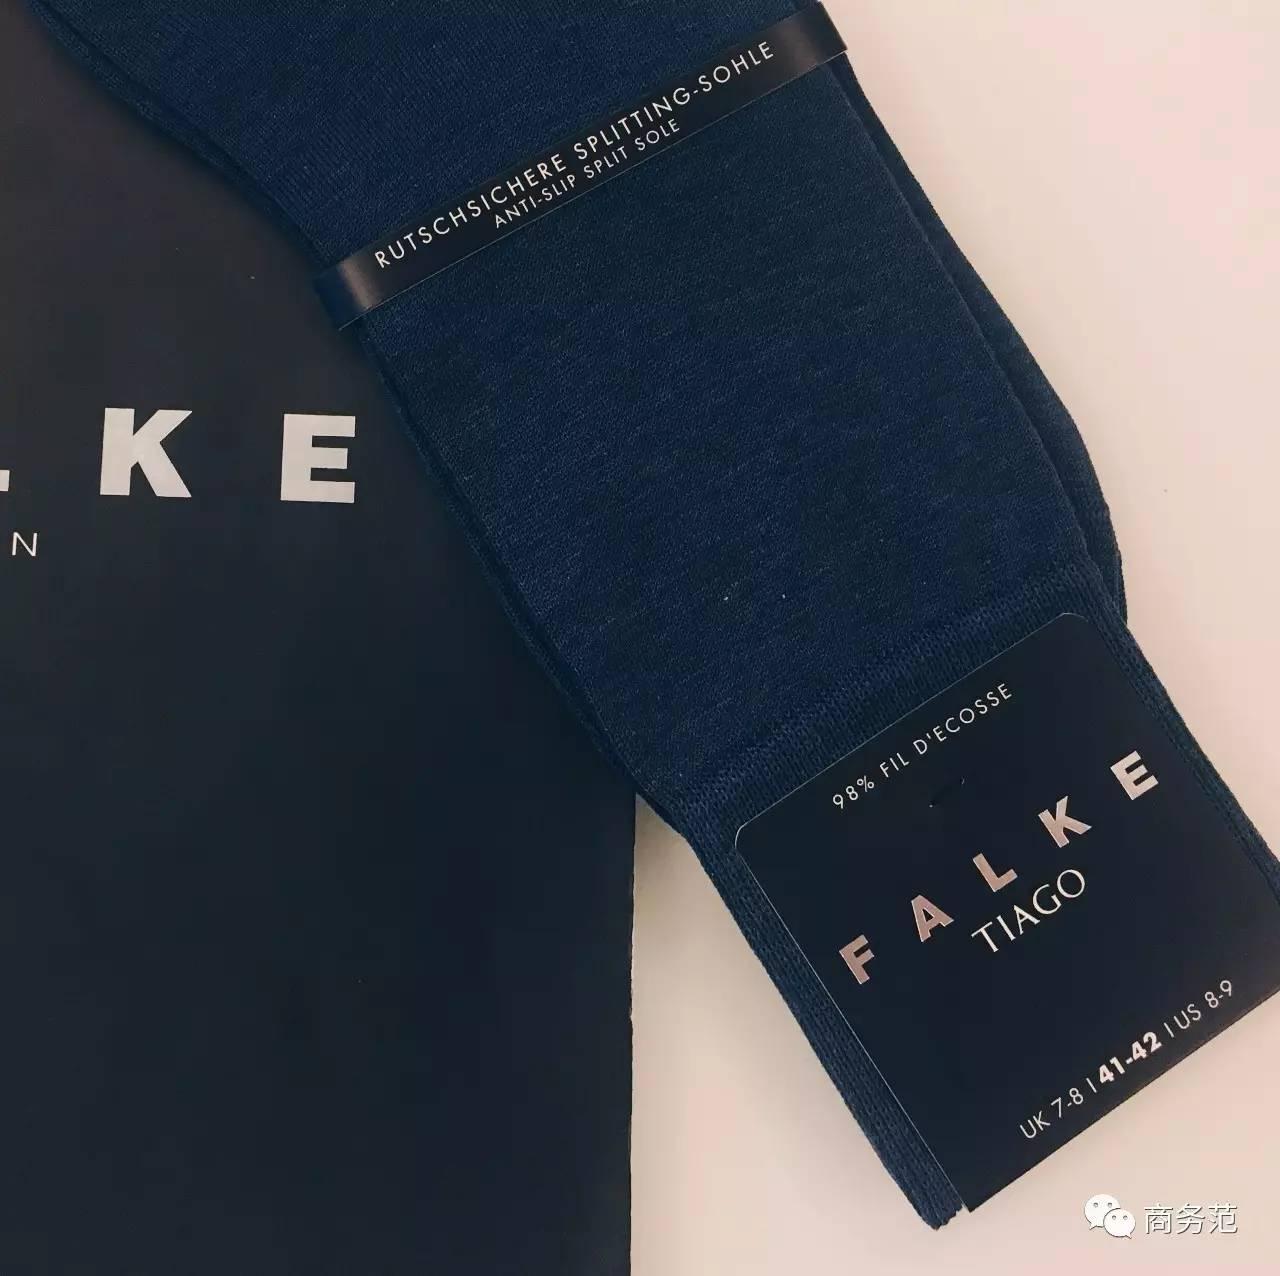 安之伴原本书属于韩国家居服饰的品牌